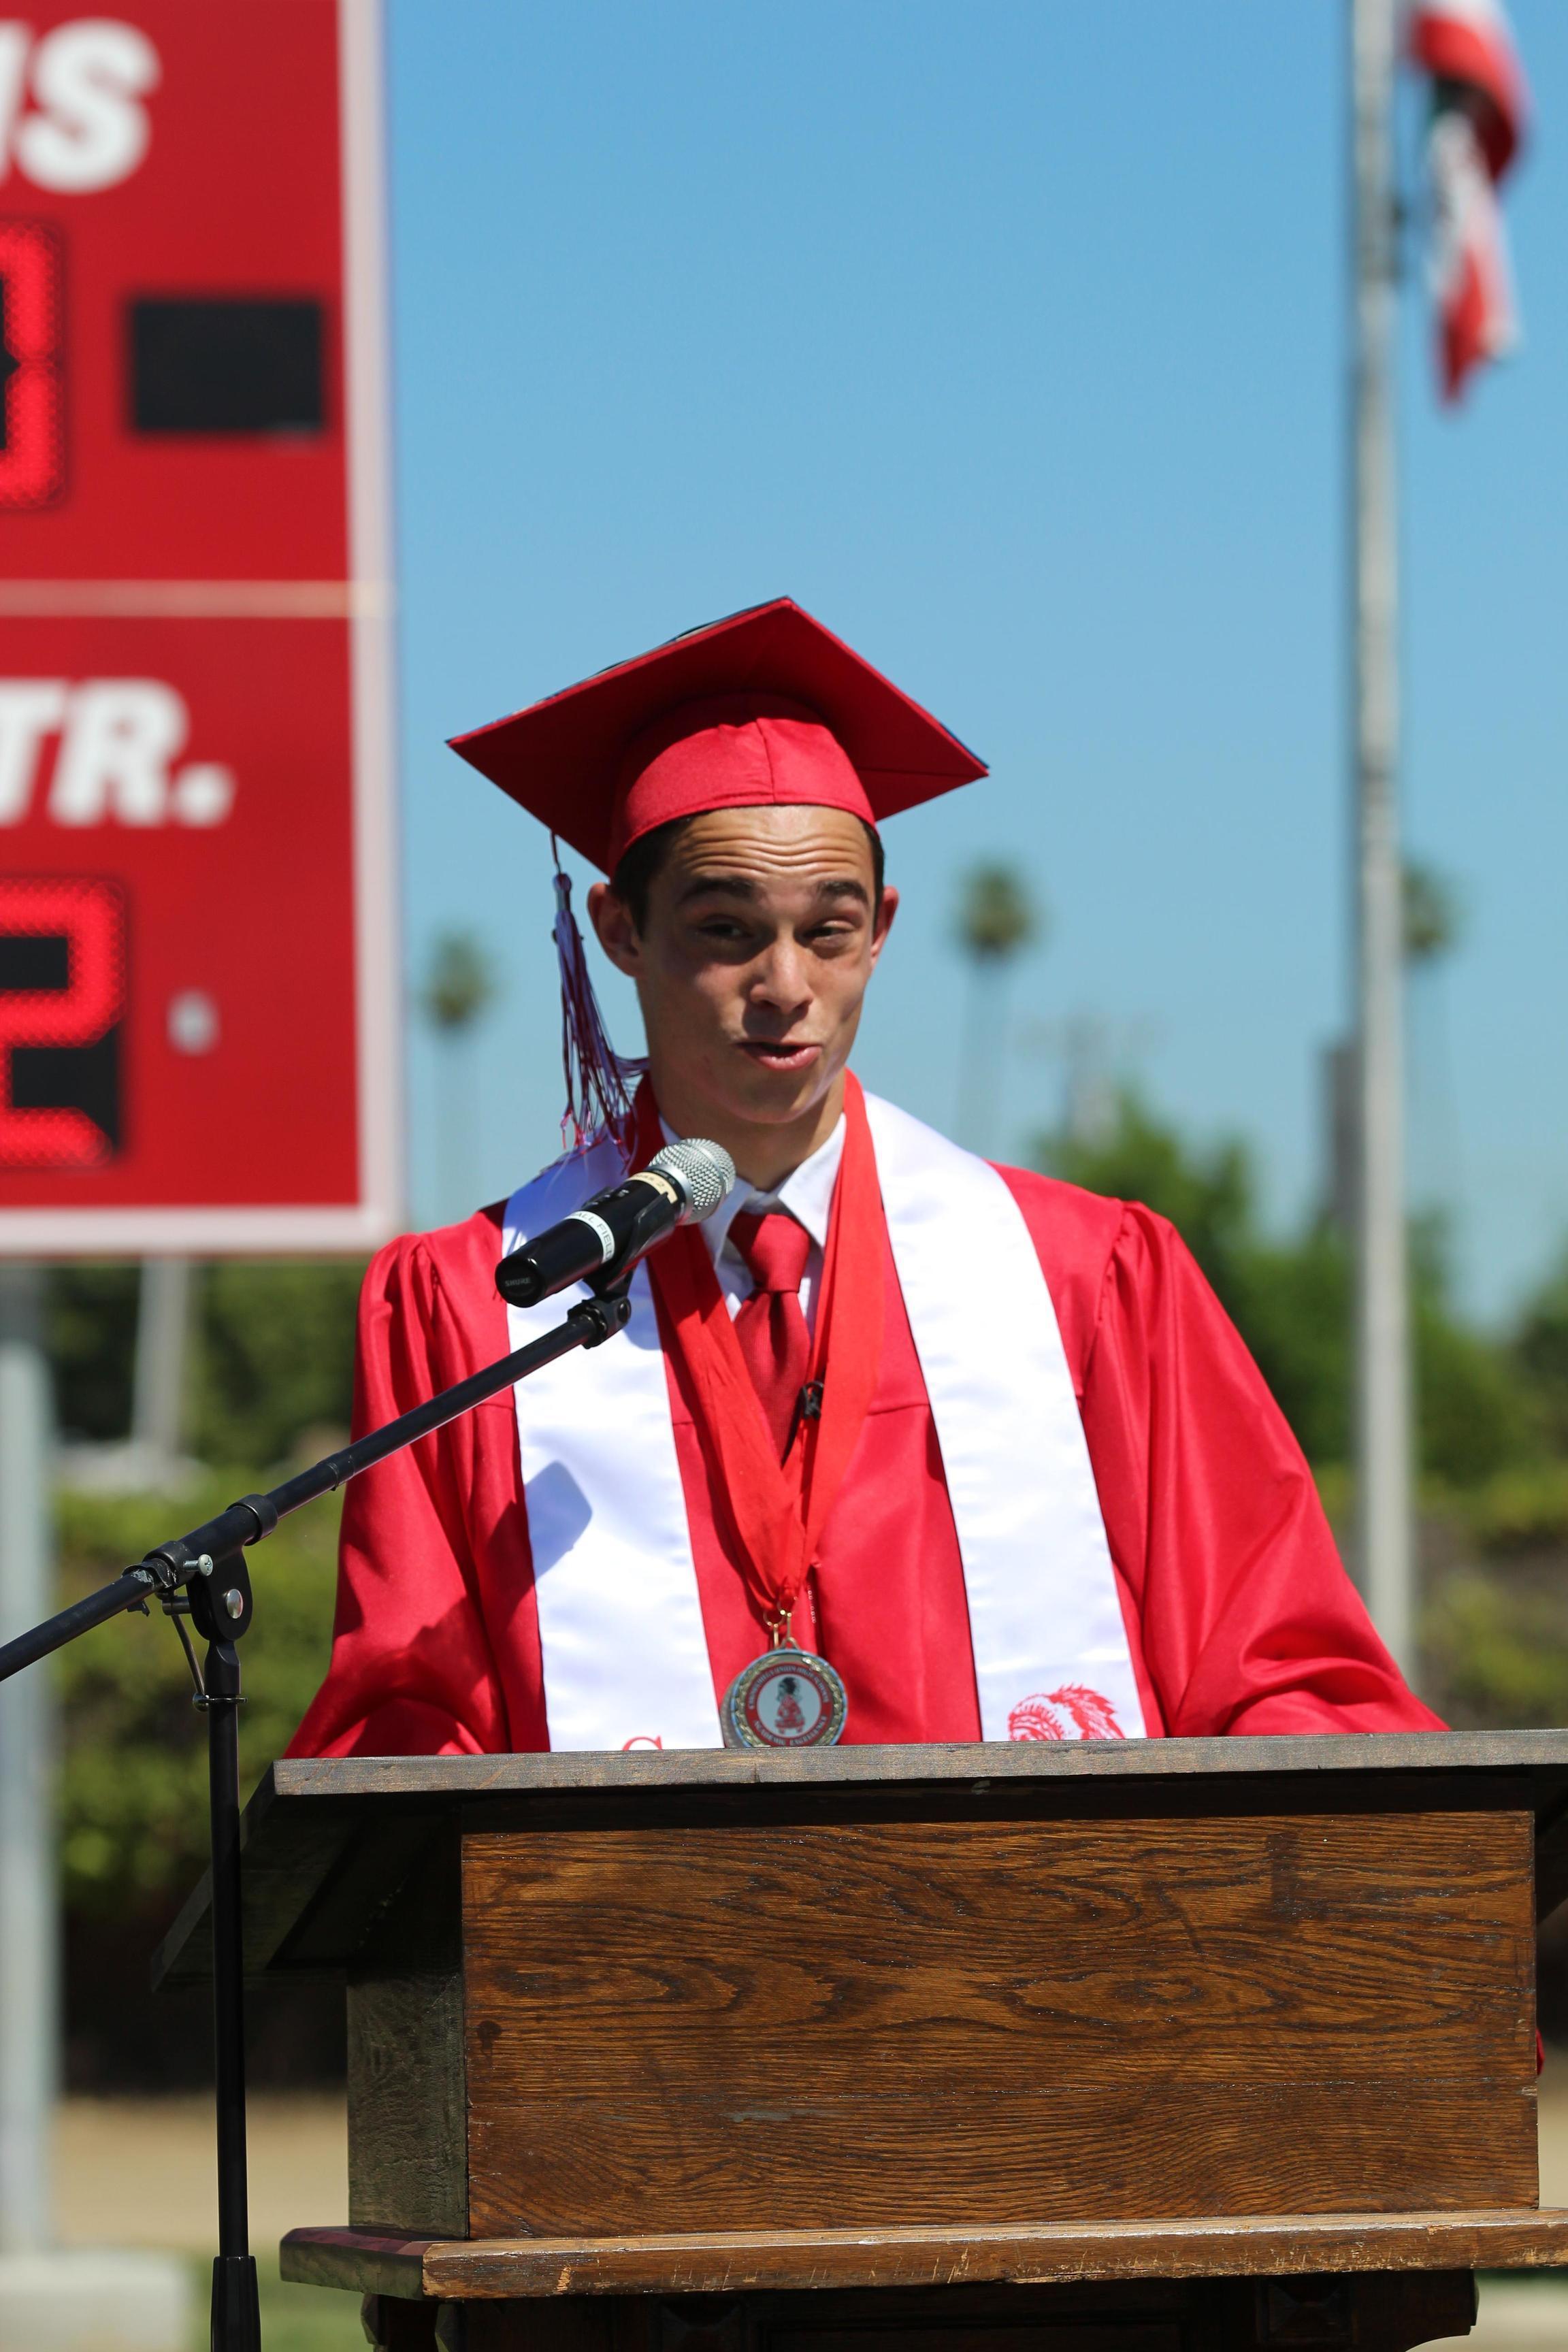 Valedictorian Dylan Tomlinson speaking